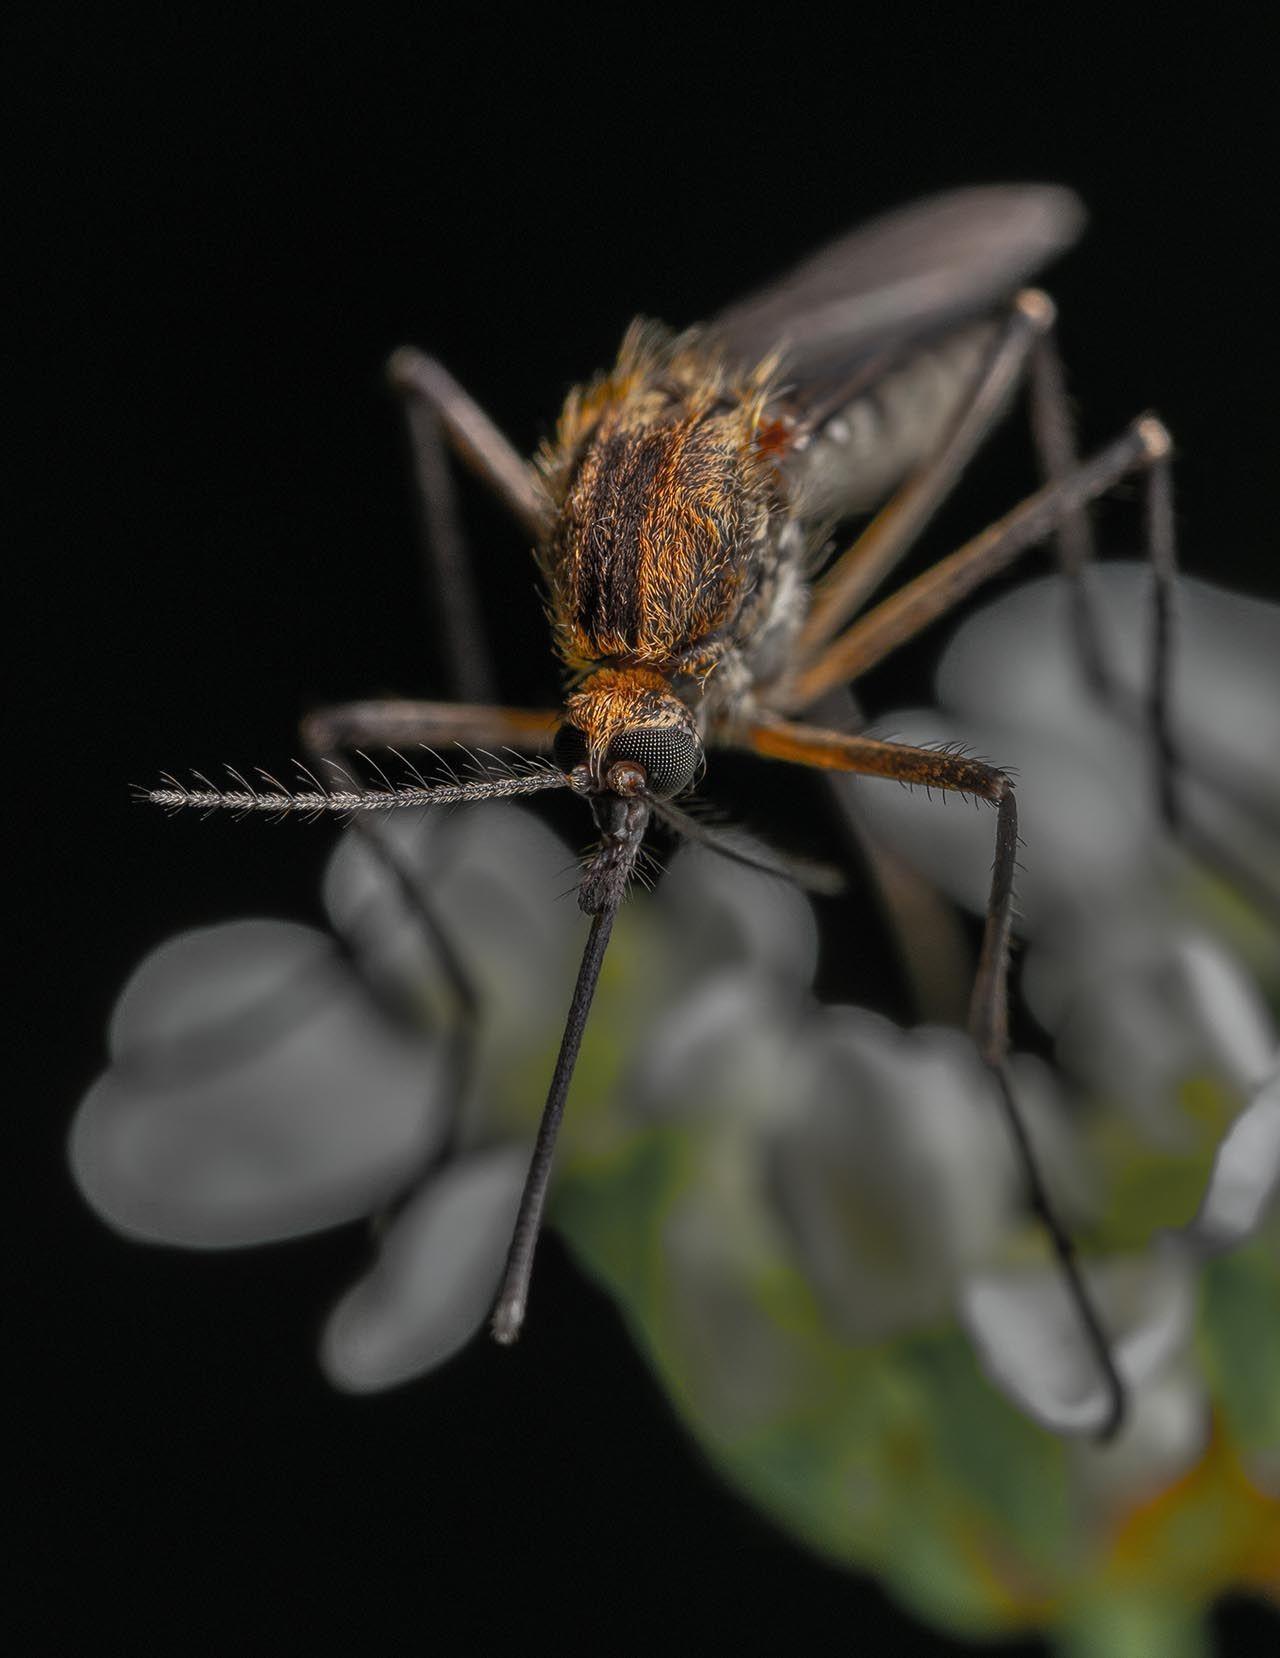 Sivrisinek deyip geçmeyin! Uzman isim uyardı: Ölümcül olabilir! - Resim: 2